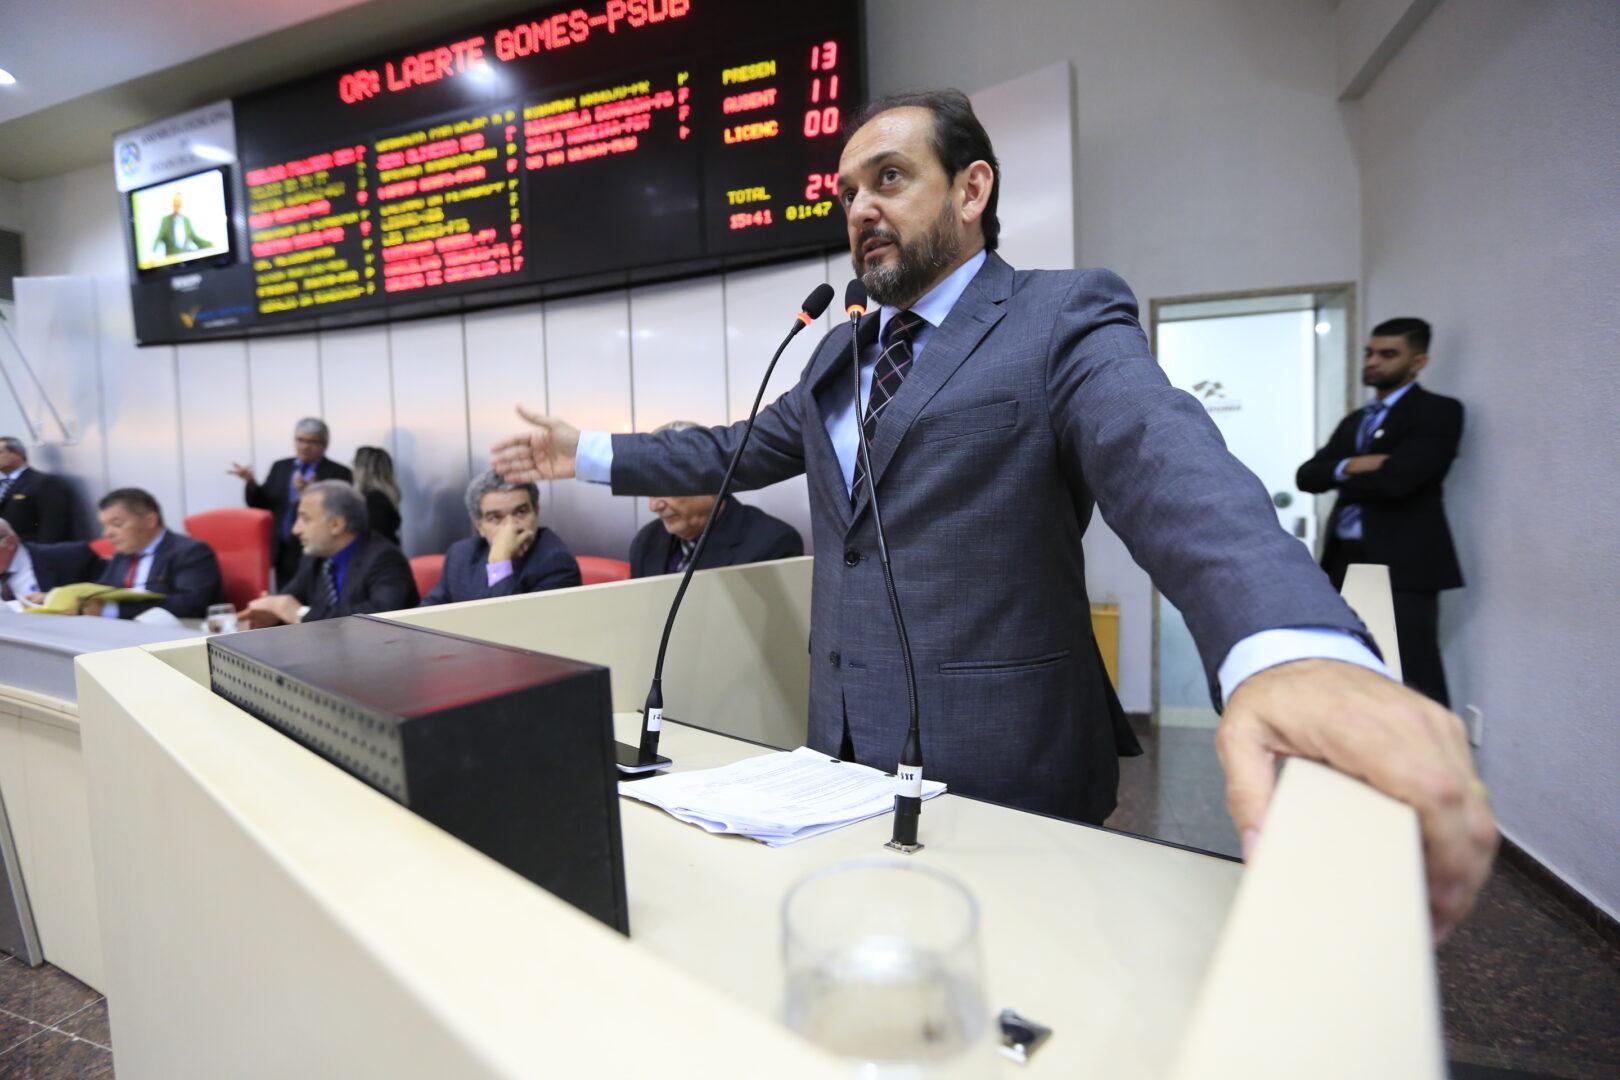 Deputado Laerte Gomes defende parcelamento de multas e débitos de trânsito no cartão de crédito